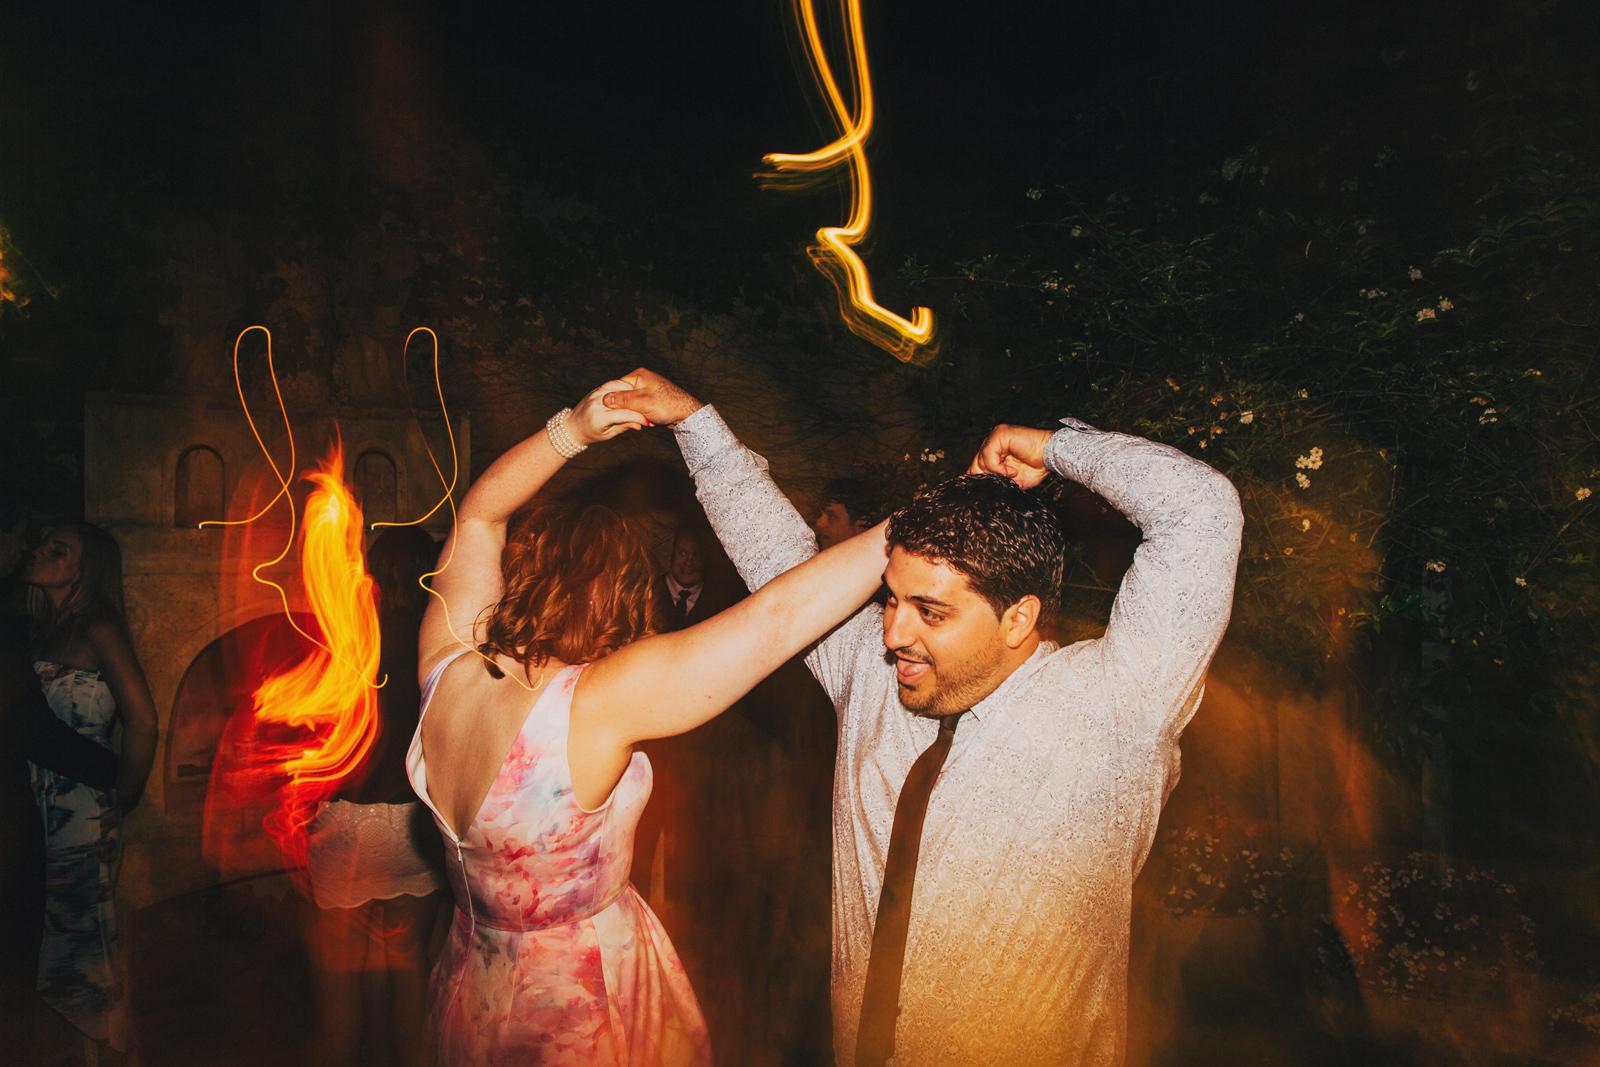 Hilary-&-Darren-Married---0887